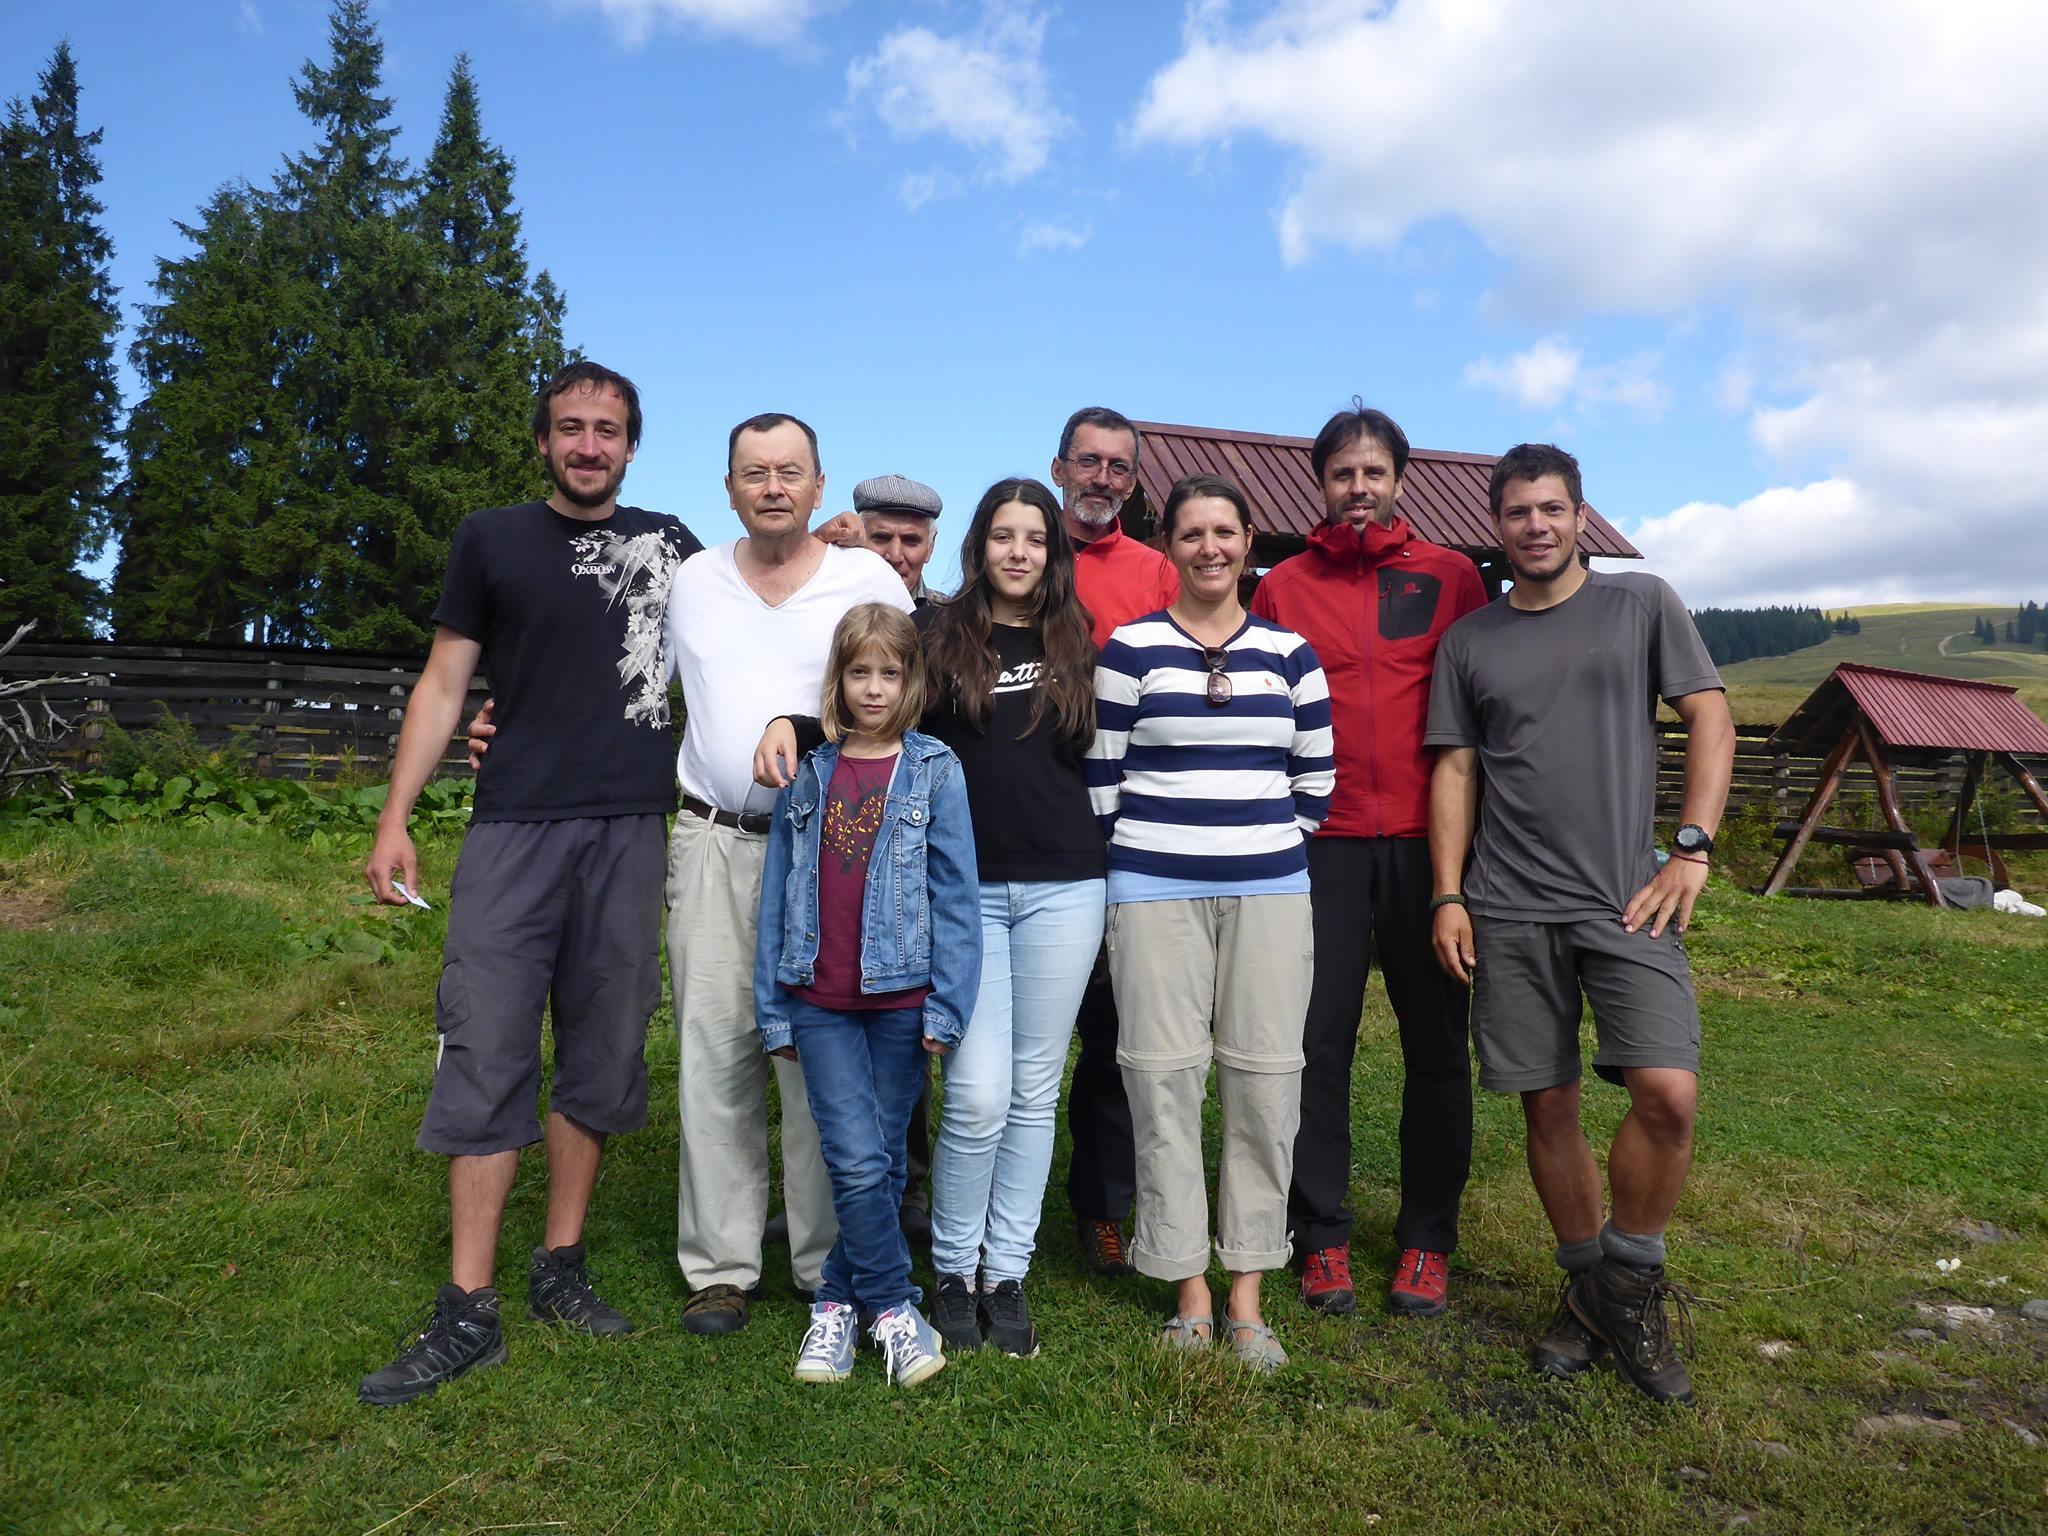 Une famille d'allemand qui nous offre de la bonne nourriture ainsi qu'un bon moment passé en leur compagnie